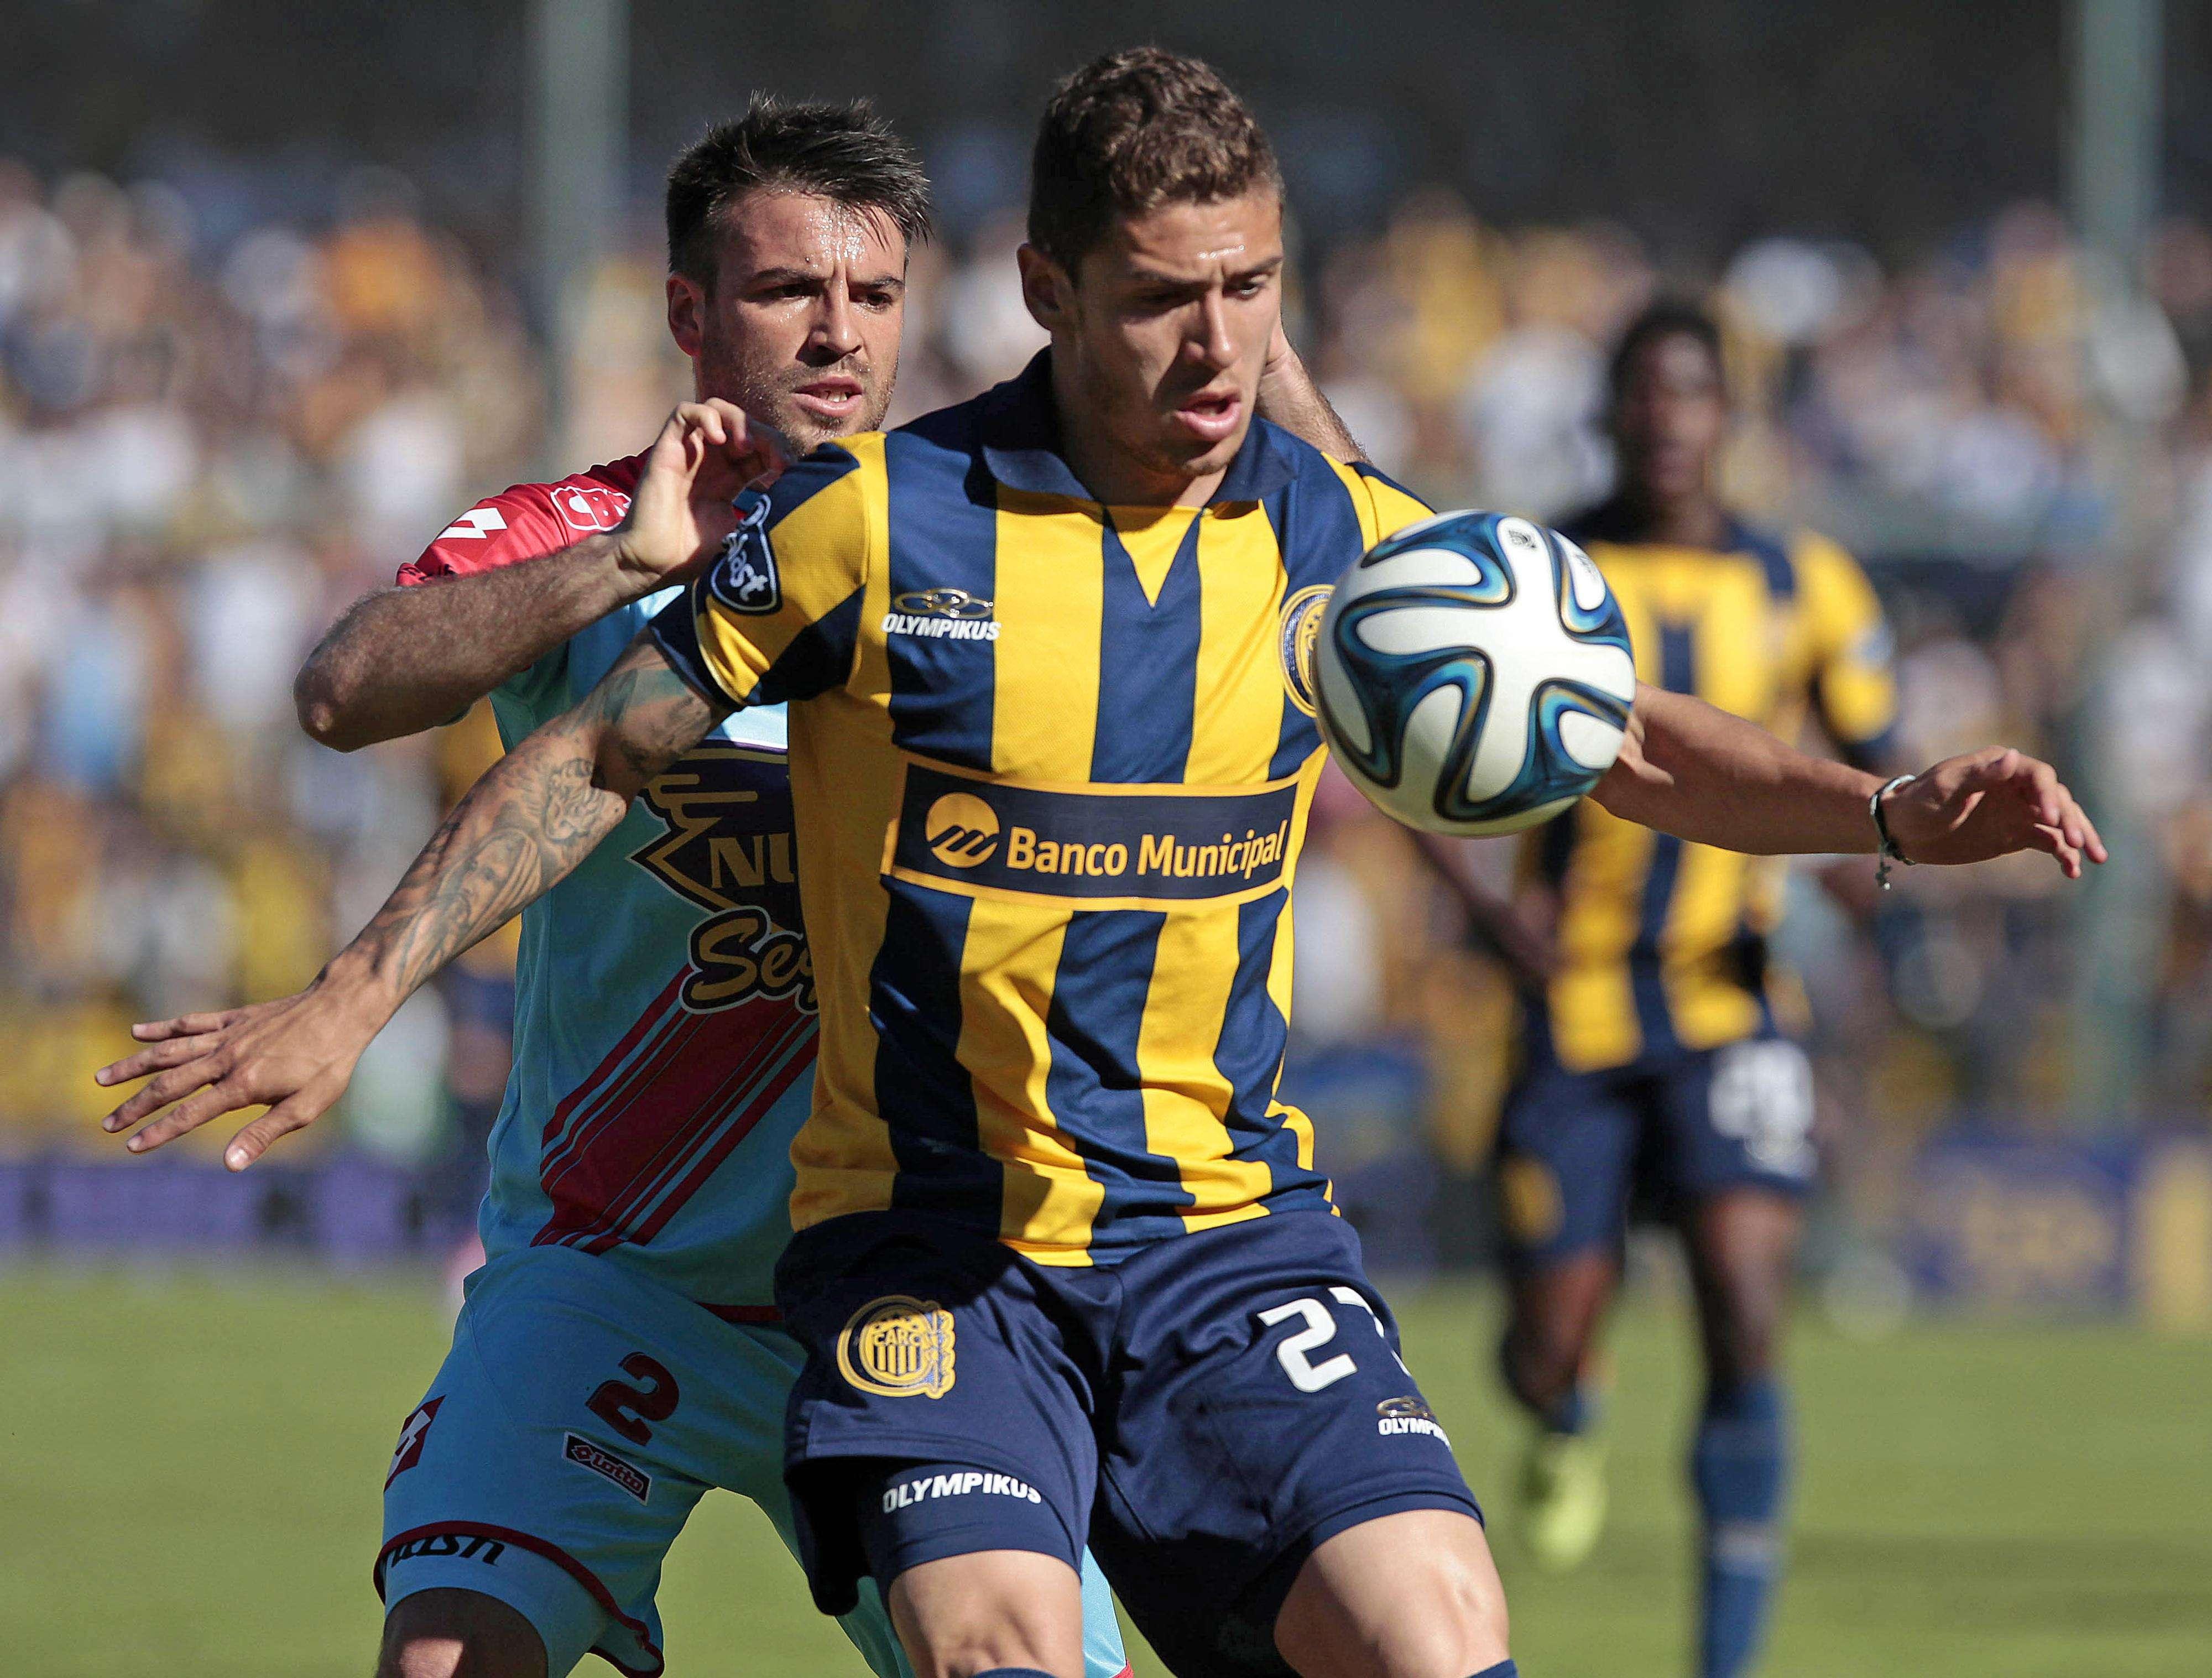 Rosario Central dejó atrás la eliminación en la Copa Sudamericana ante Boca y dos partidos sin victorias en el Torneo de Transición, para vencer por 3 a 1 a Arsenal en la octava fecha tras empezar en desventaja. Foto: Agencias